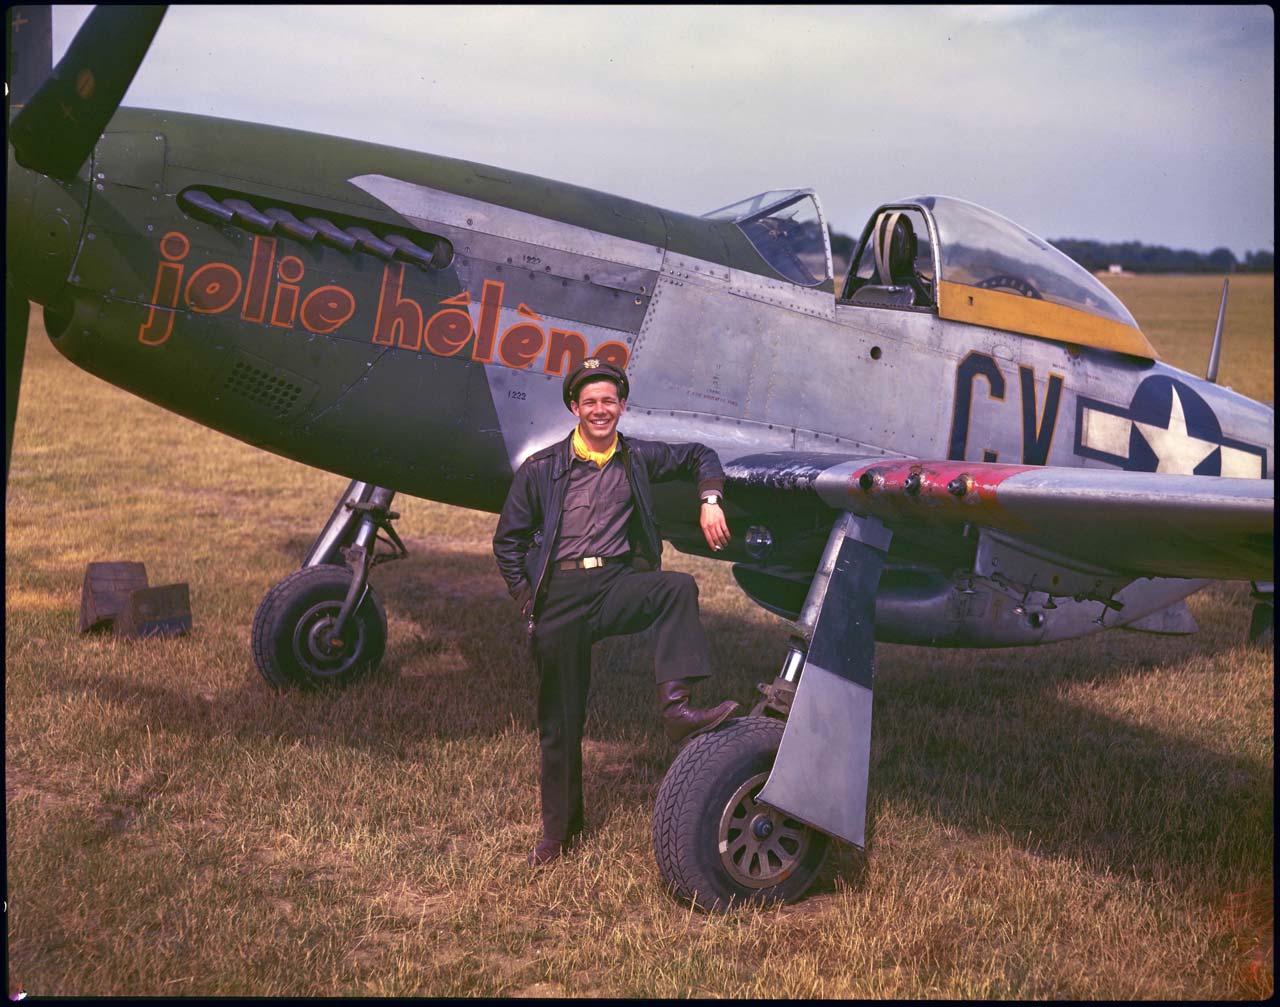 P-51D Jolie Helen